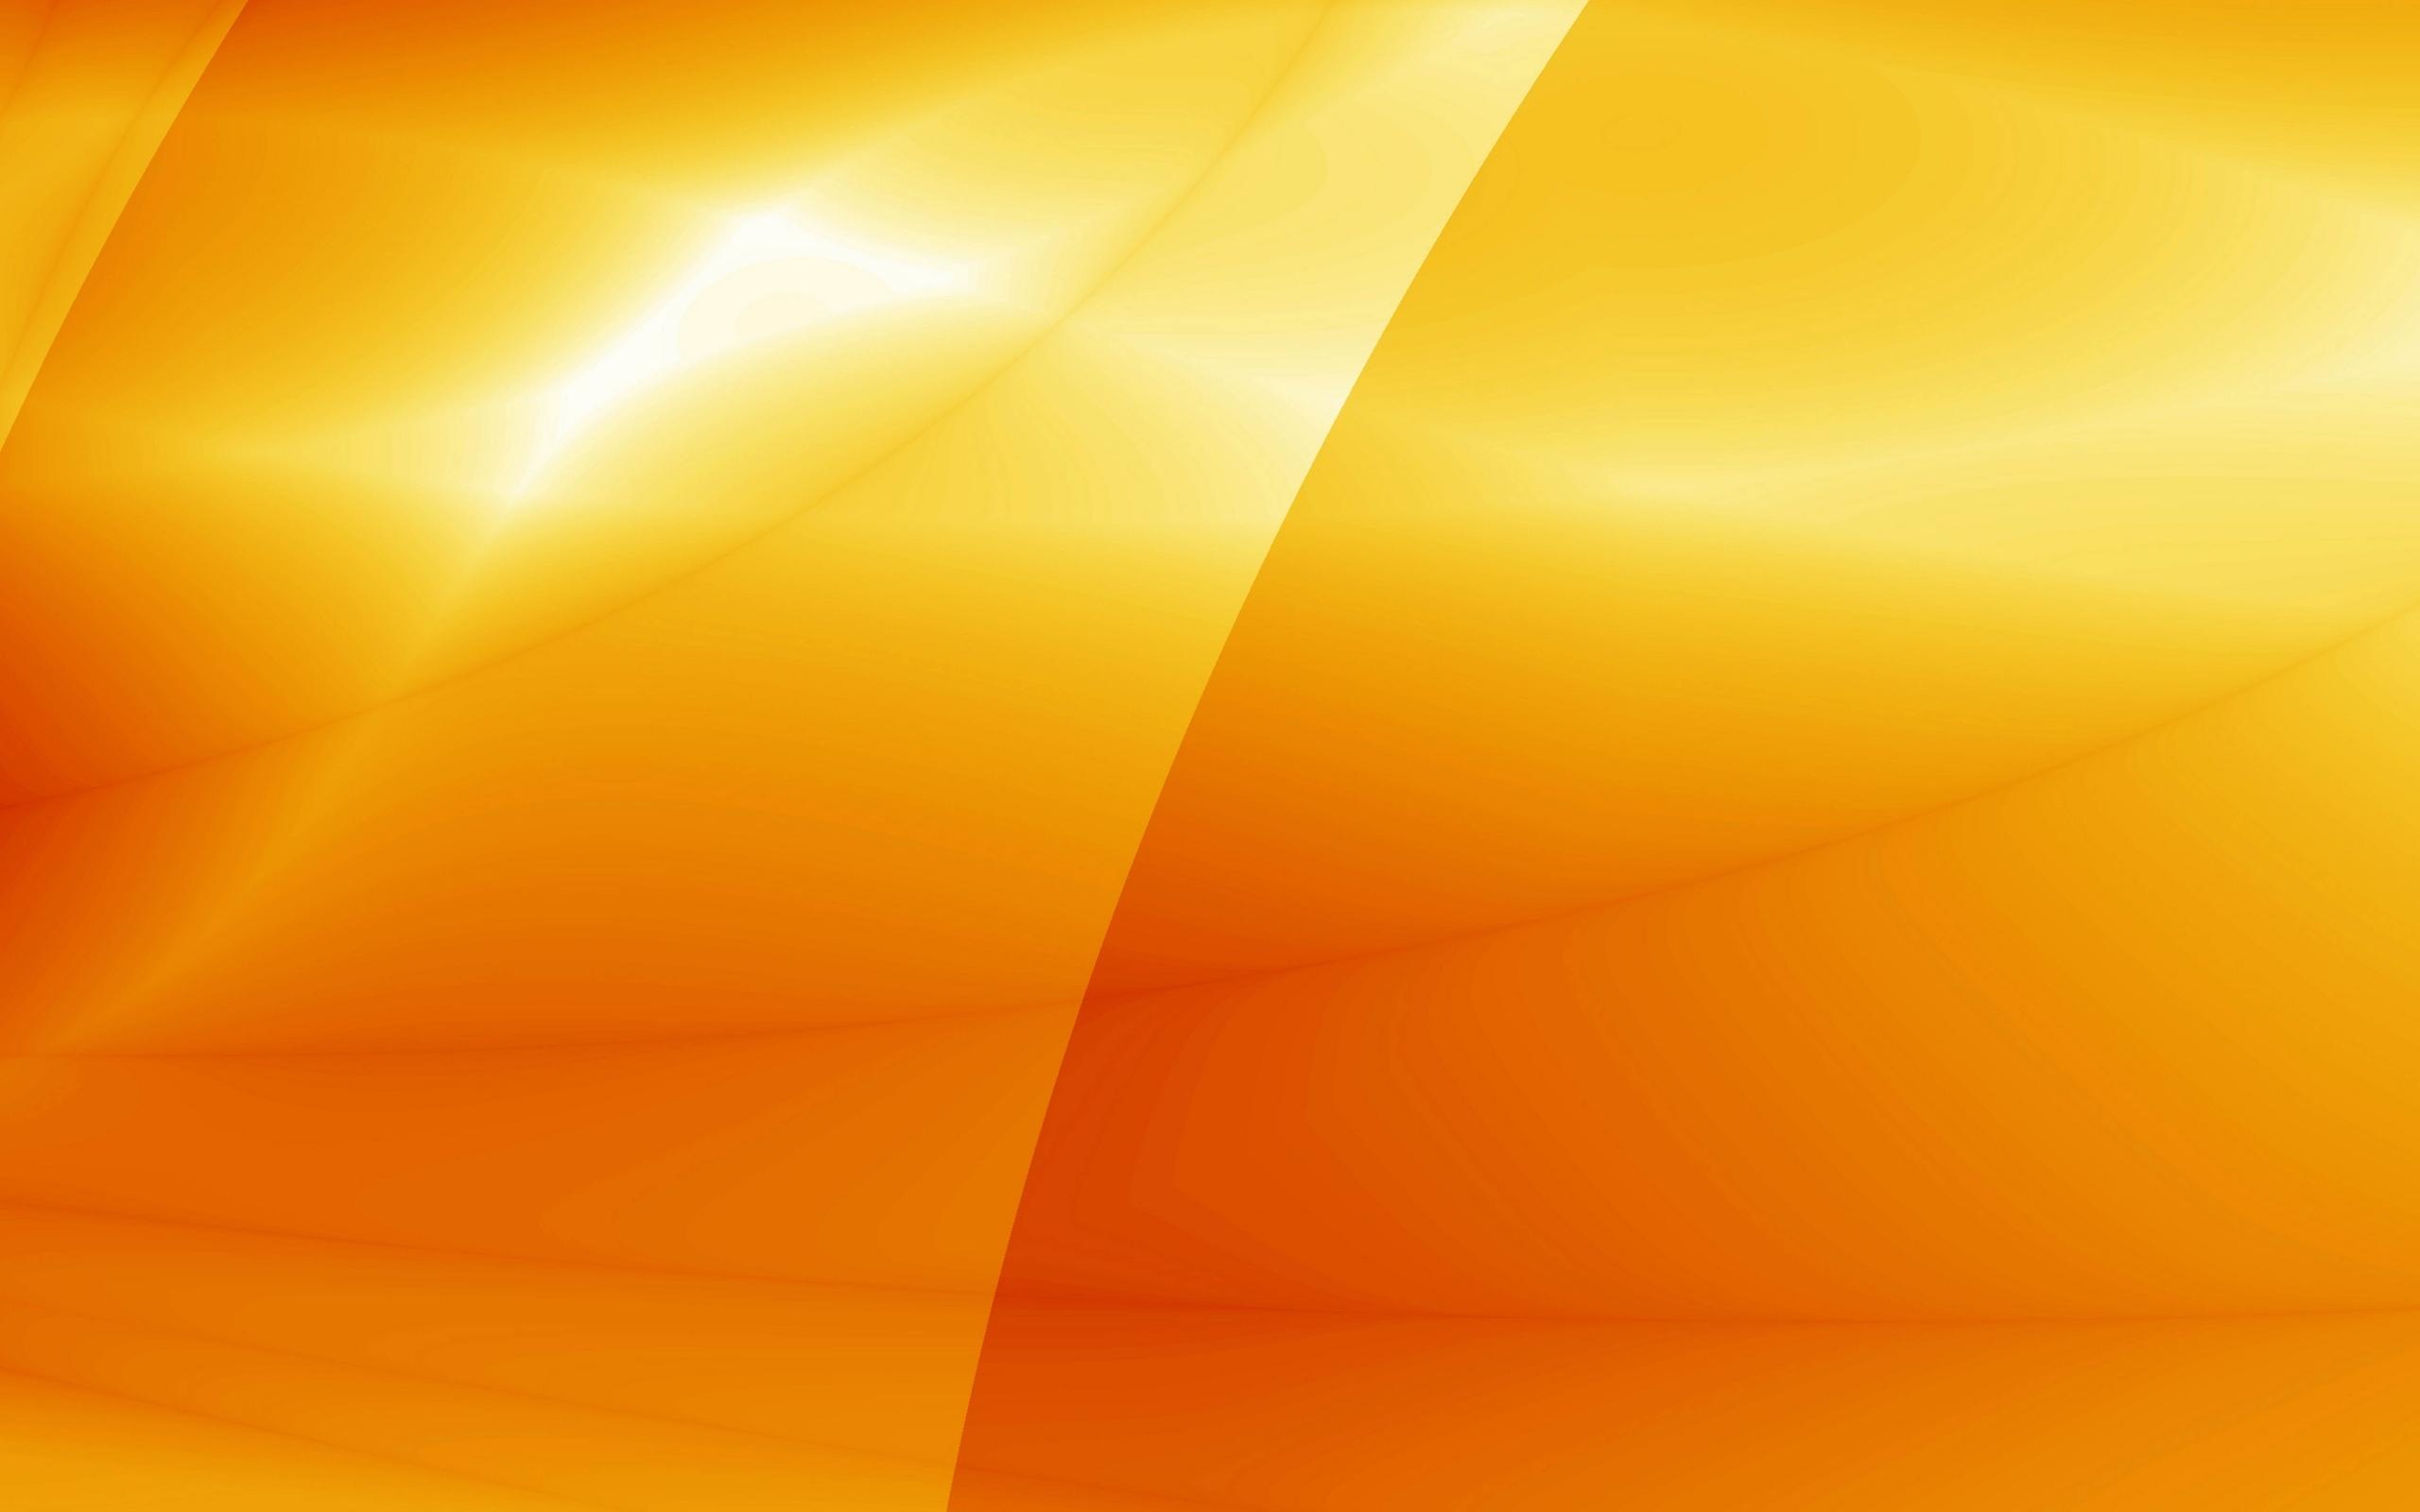 Hình nền vàng cam cực đẹp